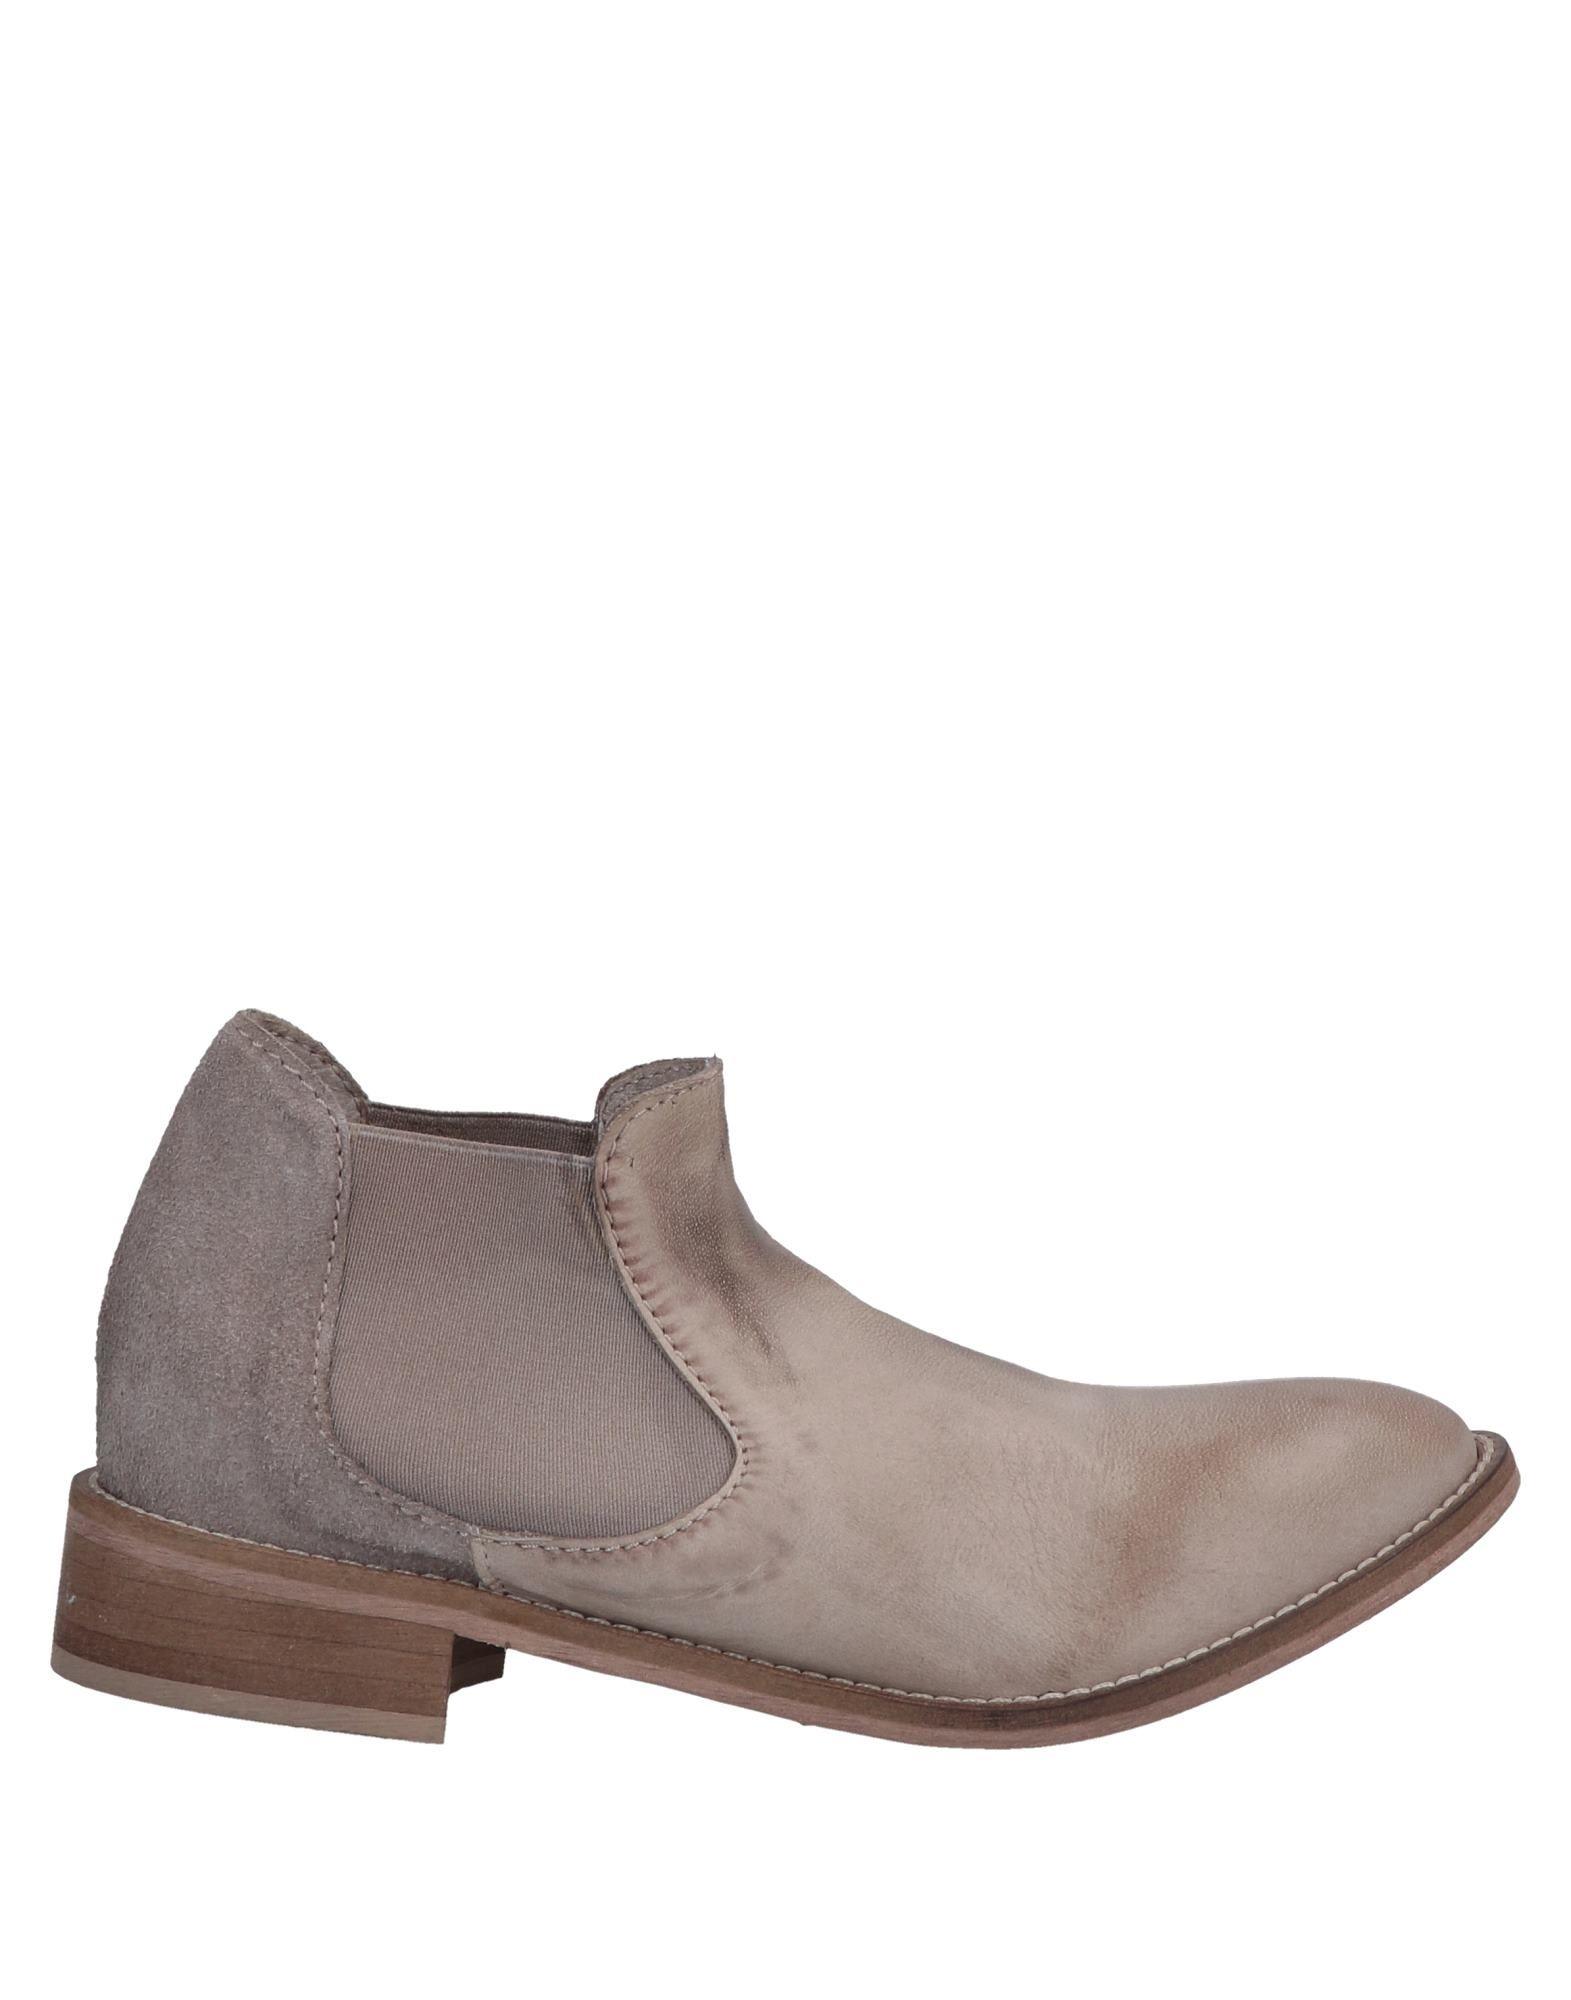 SAN CRISPINO Ботинки цены онлайн